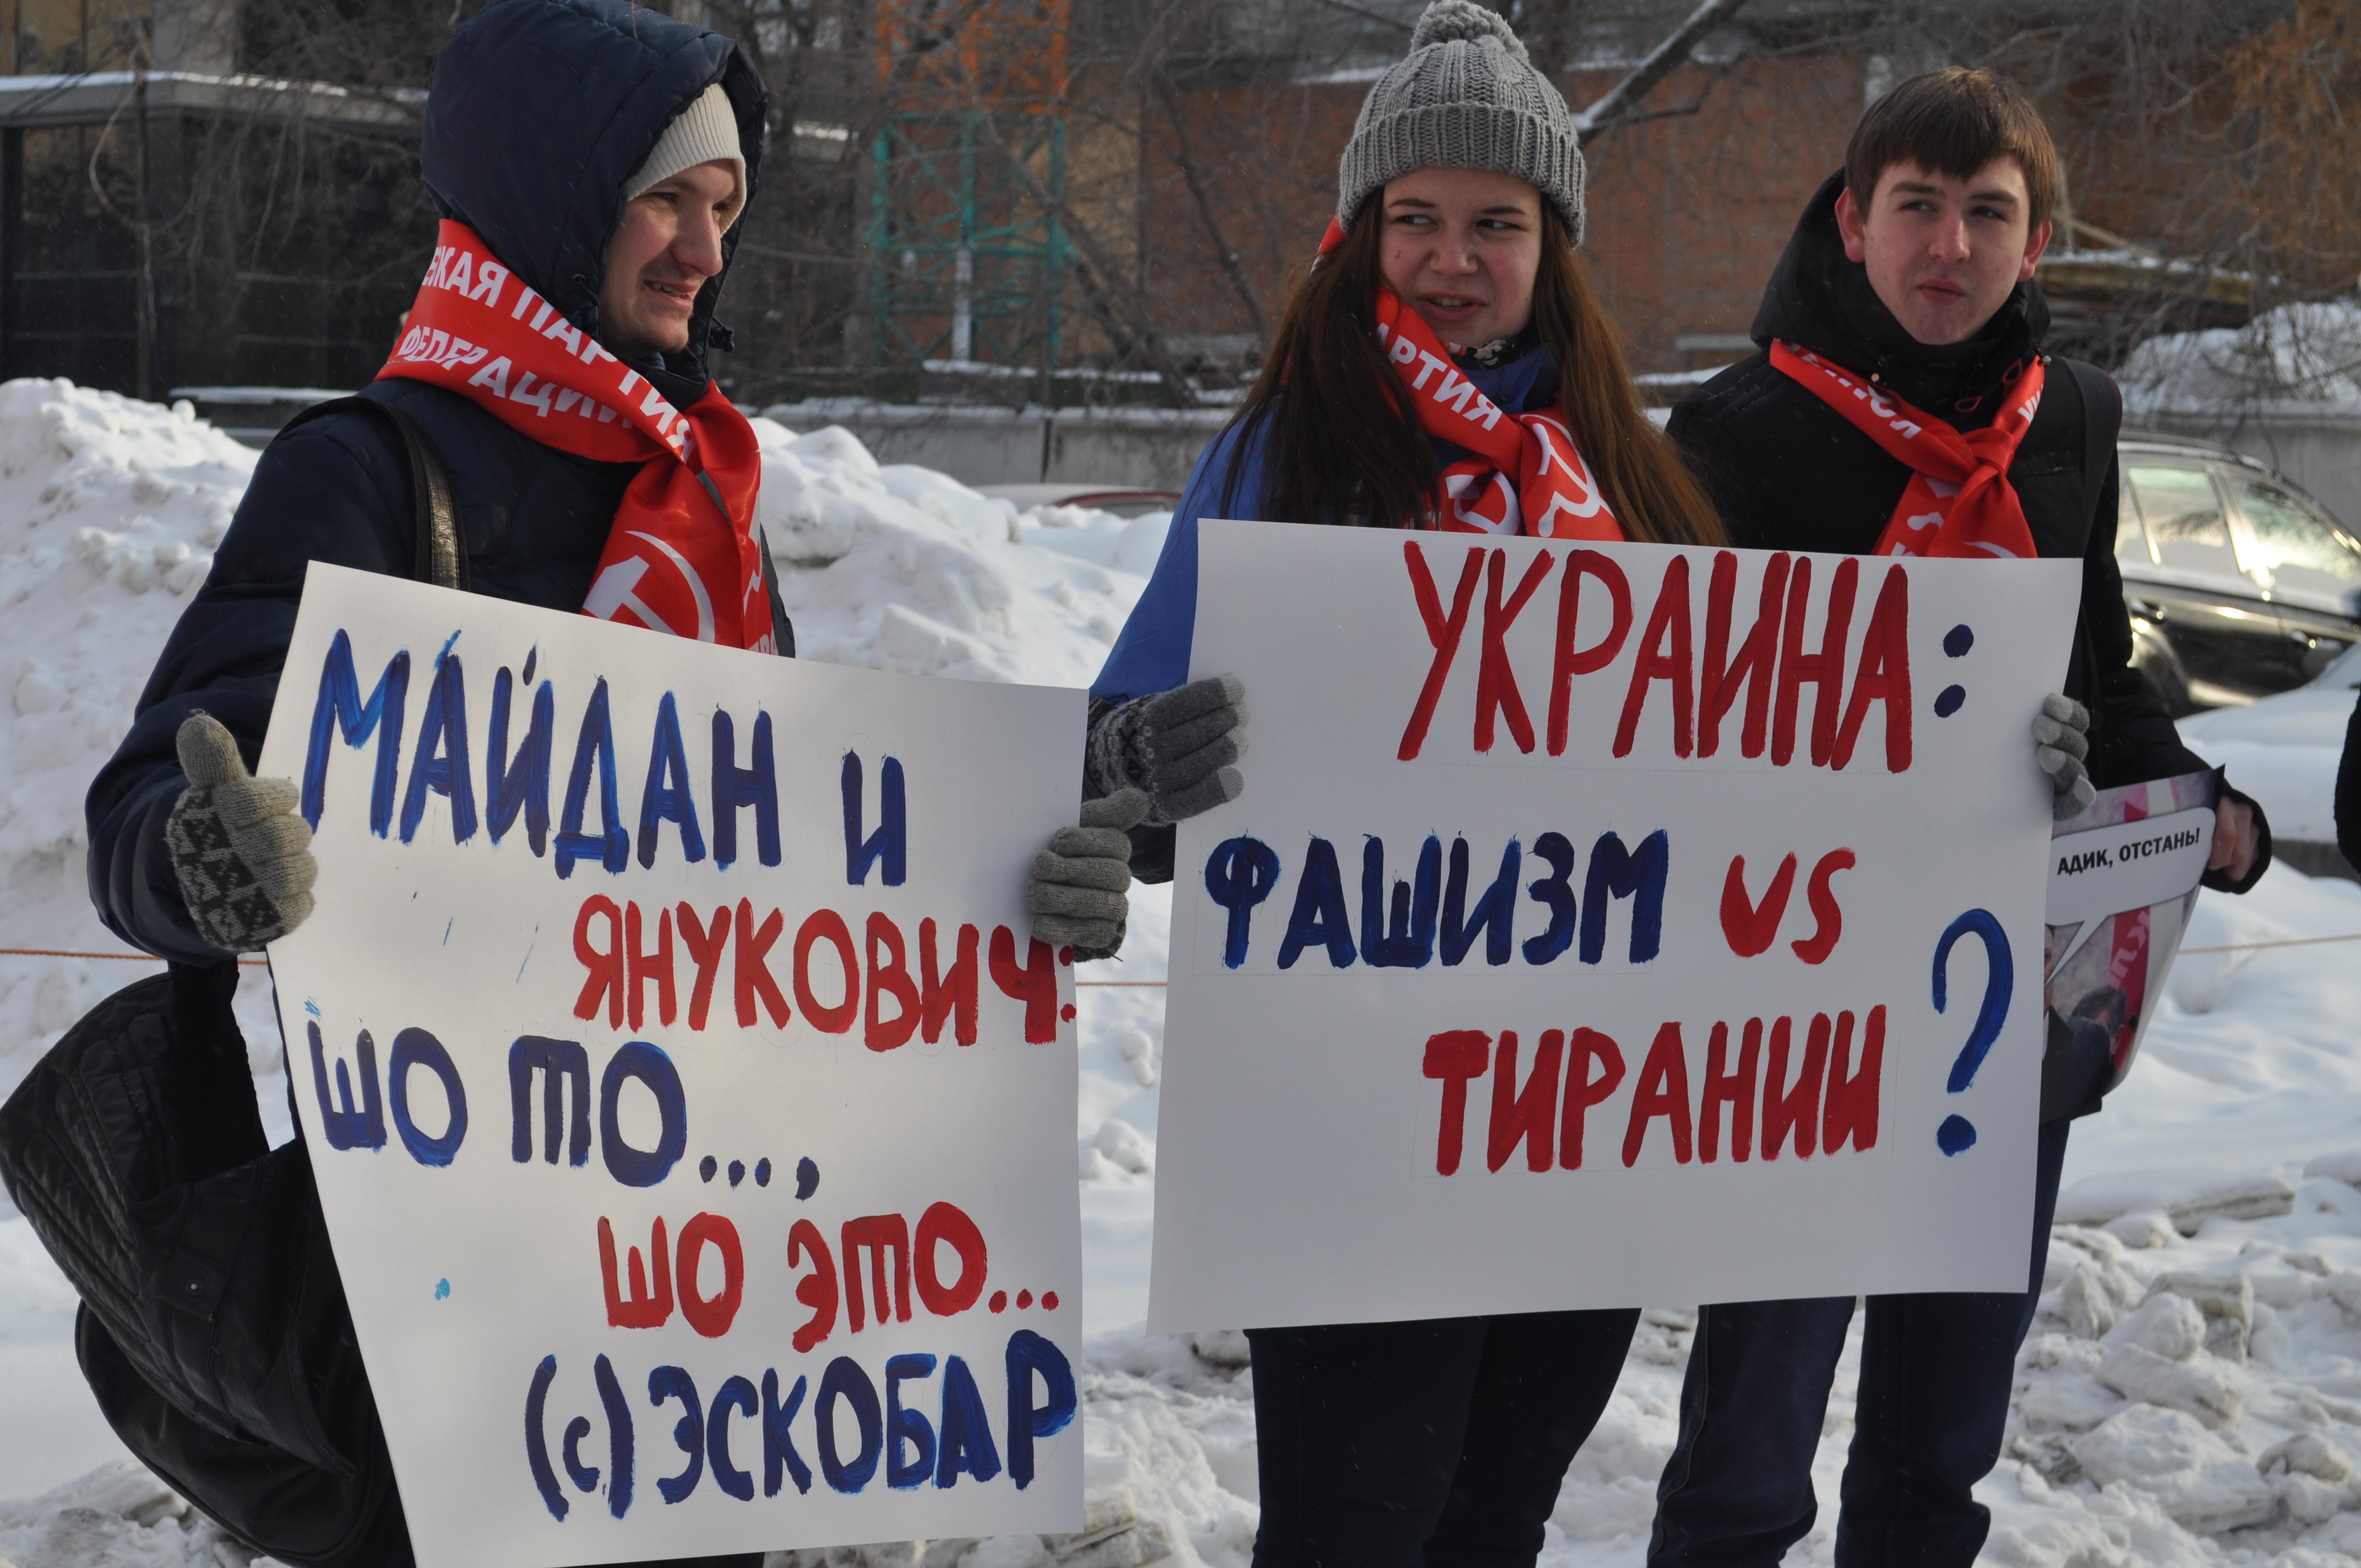 Возле Генконсульства США в Екатеринбурге весь день спасали Украину